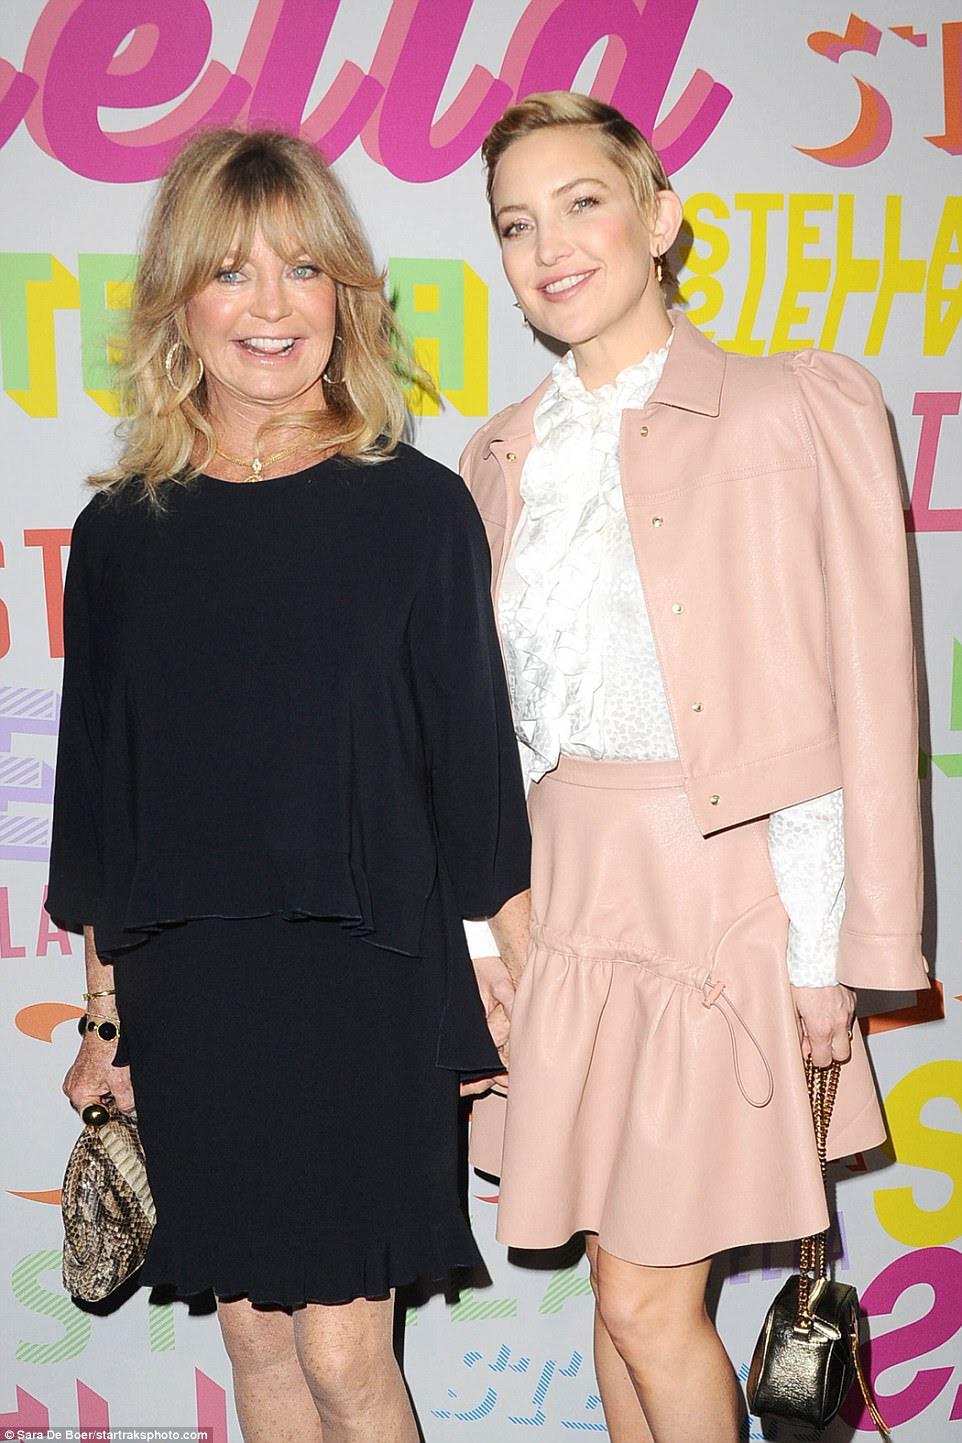 Tempo da família: a mãe de Kate, Goldie Hawn, havia virado para o evento Stella McCartney, juntando uma blusa preta com uma saia preta e posando ao lado de sua filha